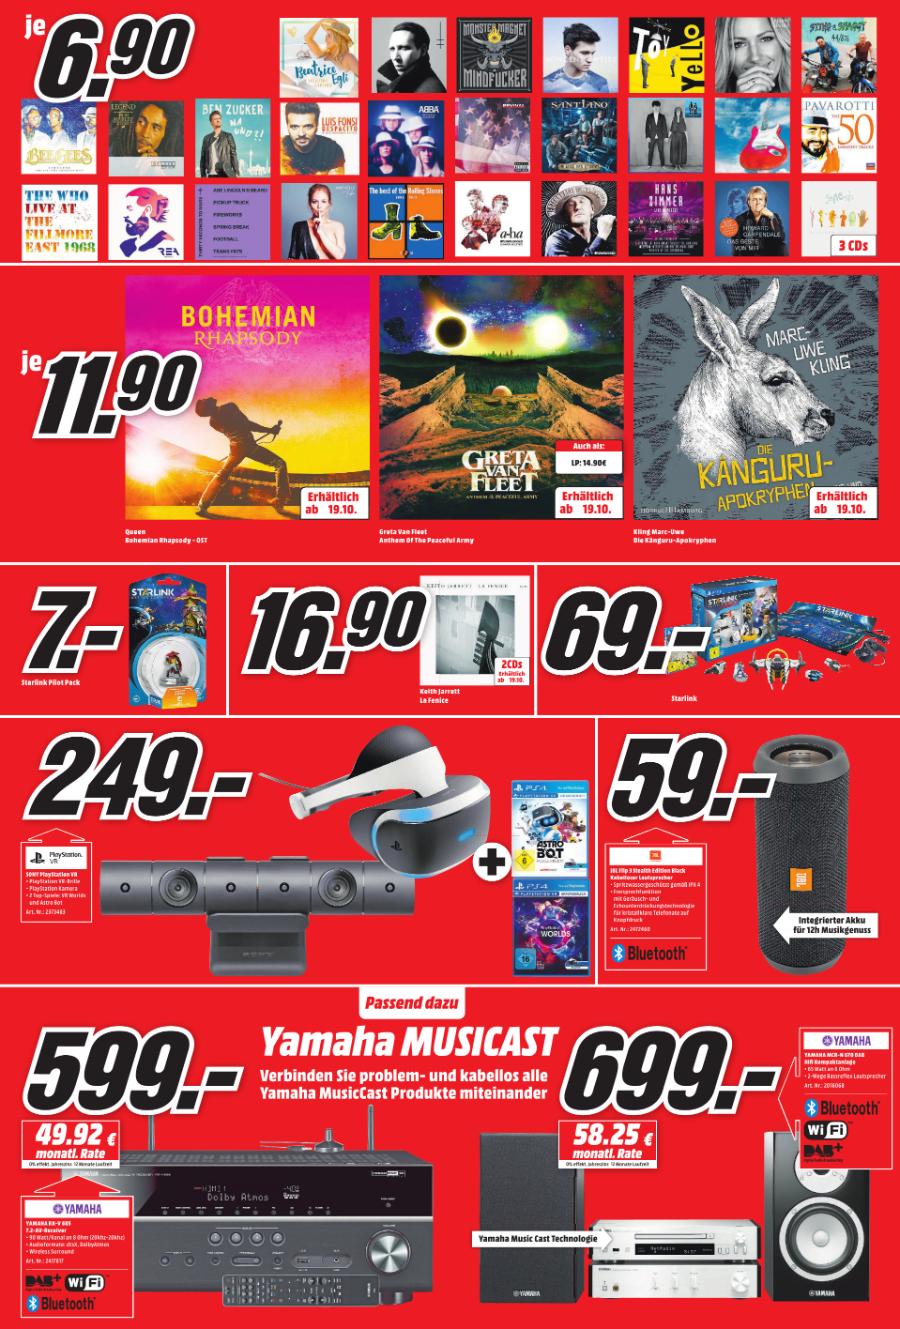 LOKAL - MM Mainz / Bischofsheim / Alzey - Playstation VR + Playstation Kamera + VR Worlds + Astro Bot Rescue Mission - 249€